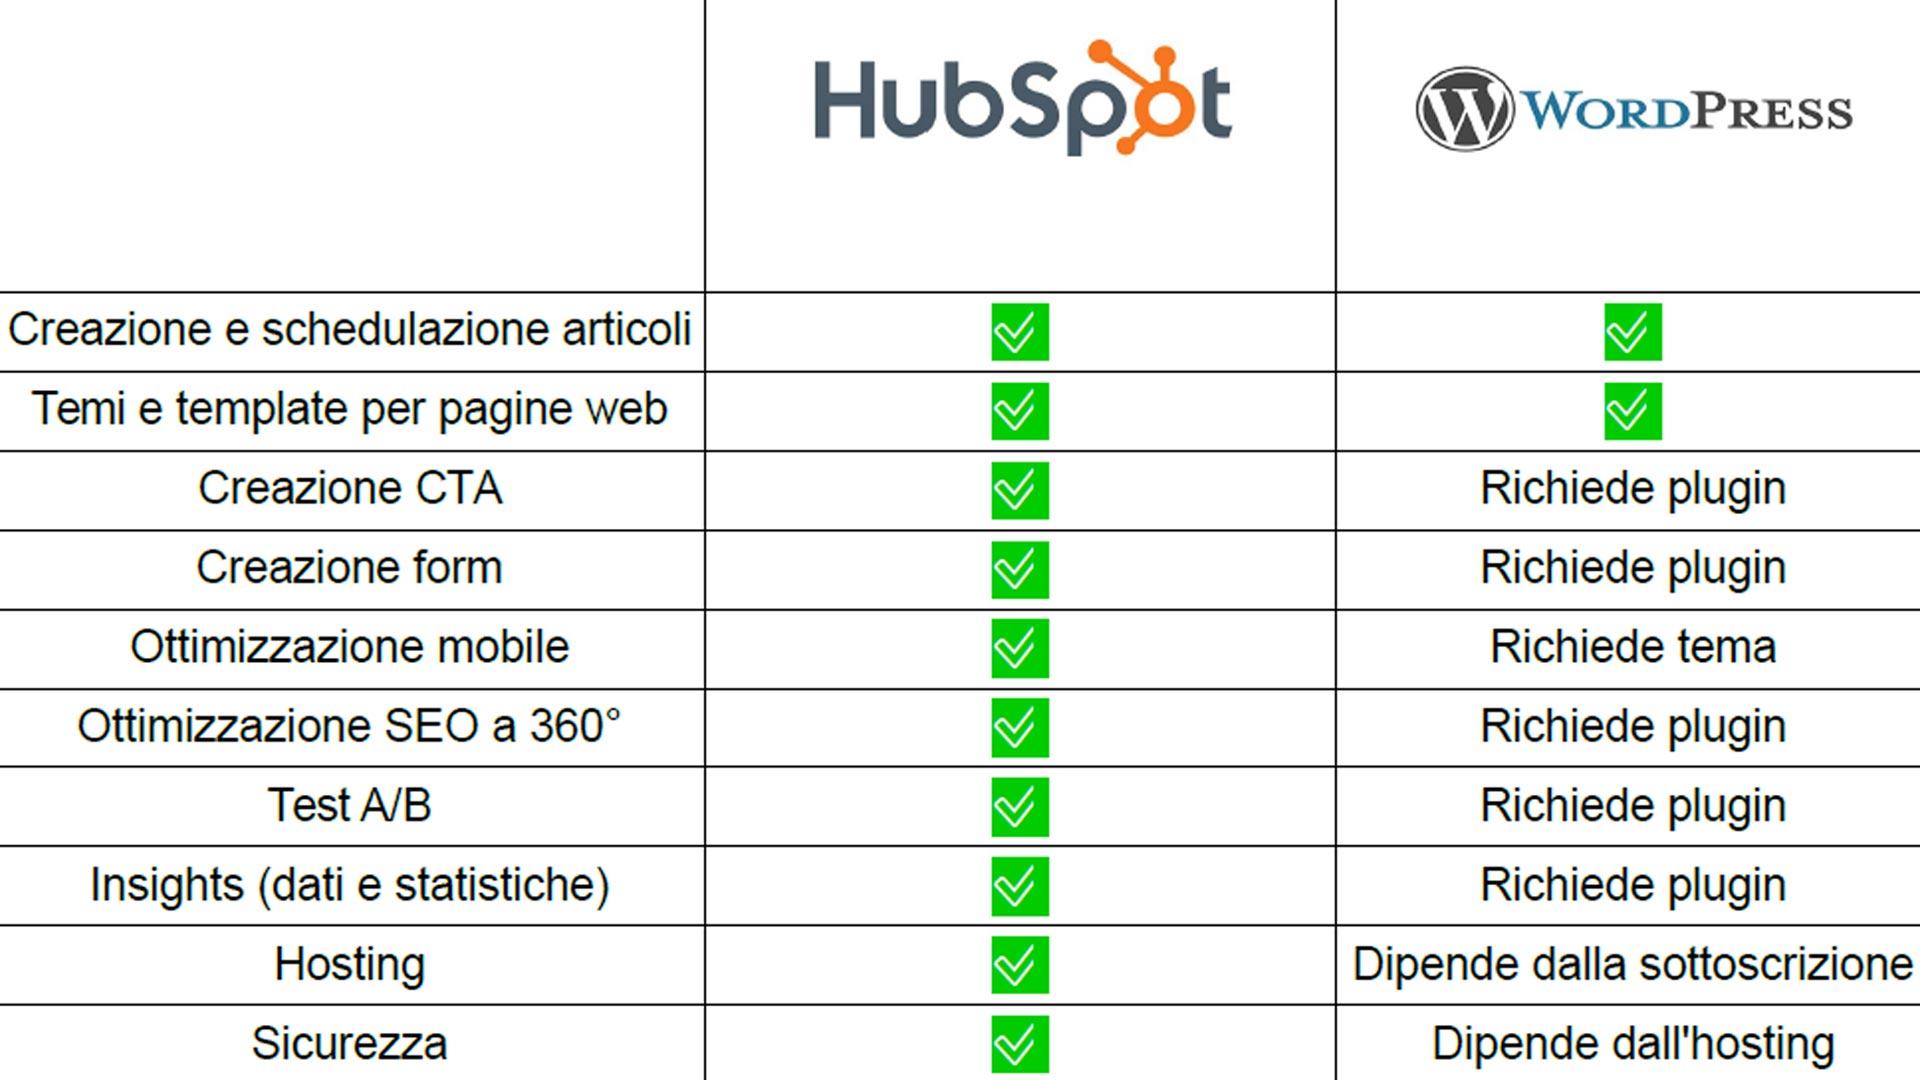 HubSpot CMS vs WordPress CMS | Tabella riassuntiva